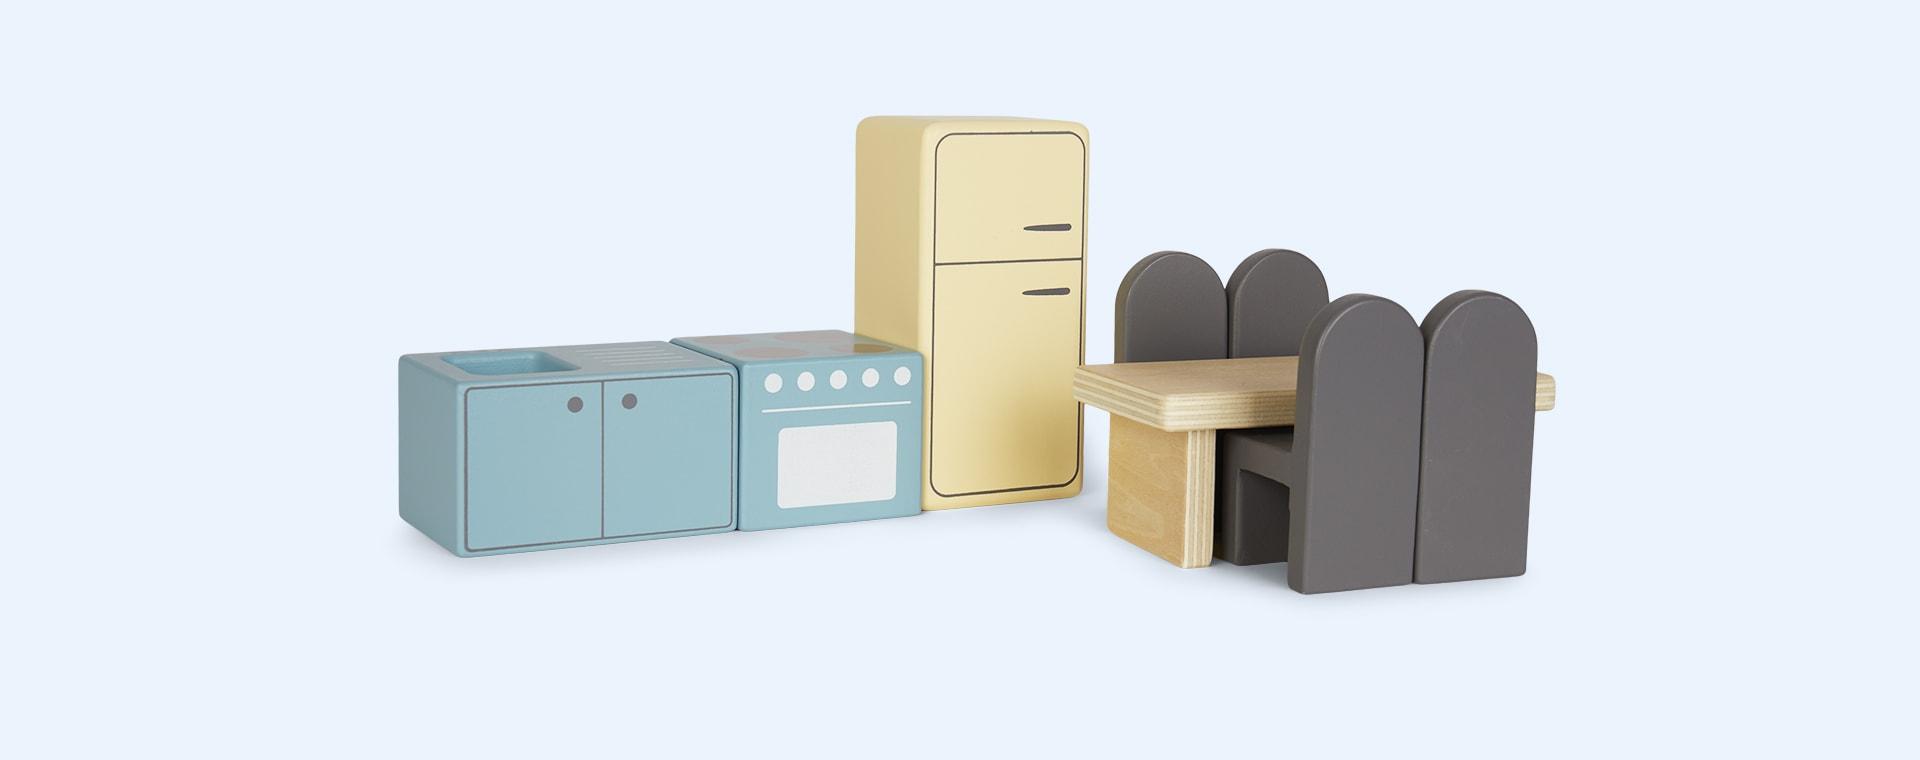 Kitchen Sebra Dolls House Furniture